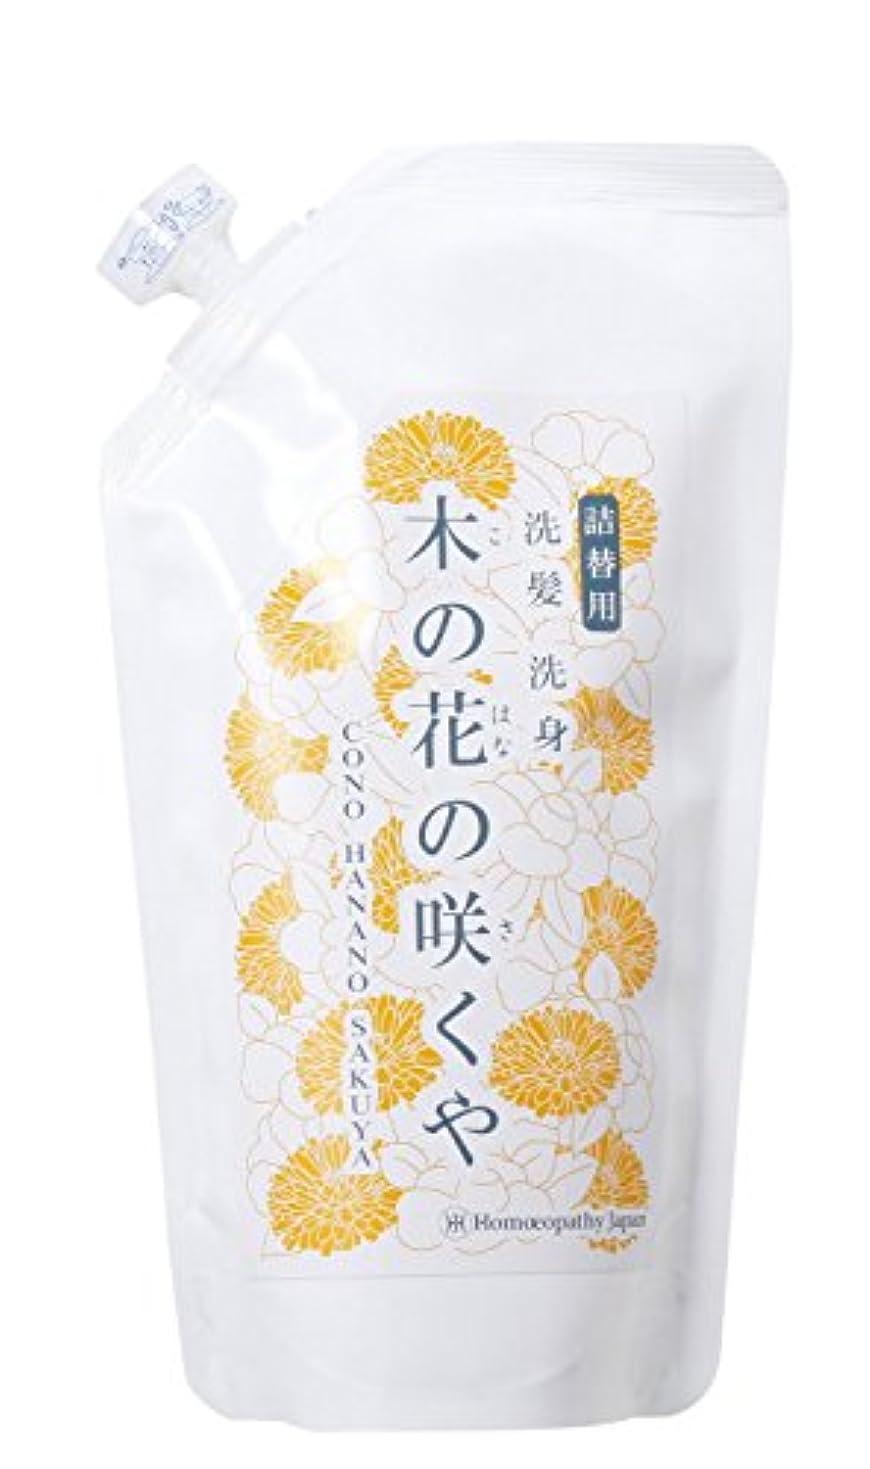 アカデミック知り合いになる出力日本豊受自然農 洗髪と洗身 木の花の咲くやシャンプー 詰替え用 300ml